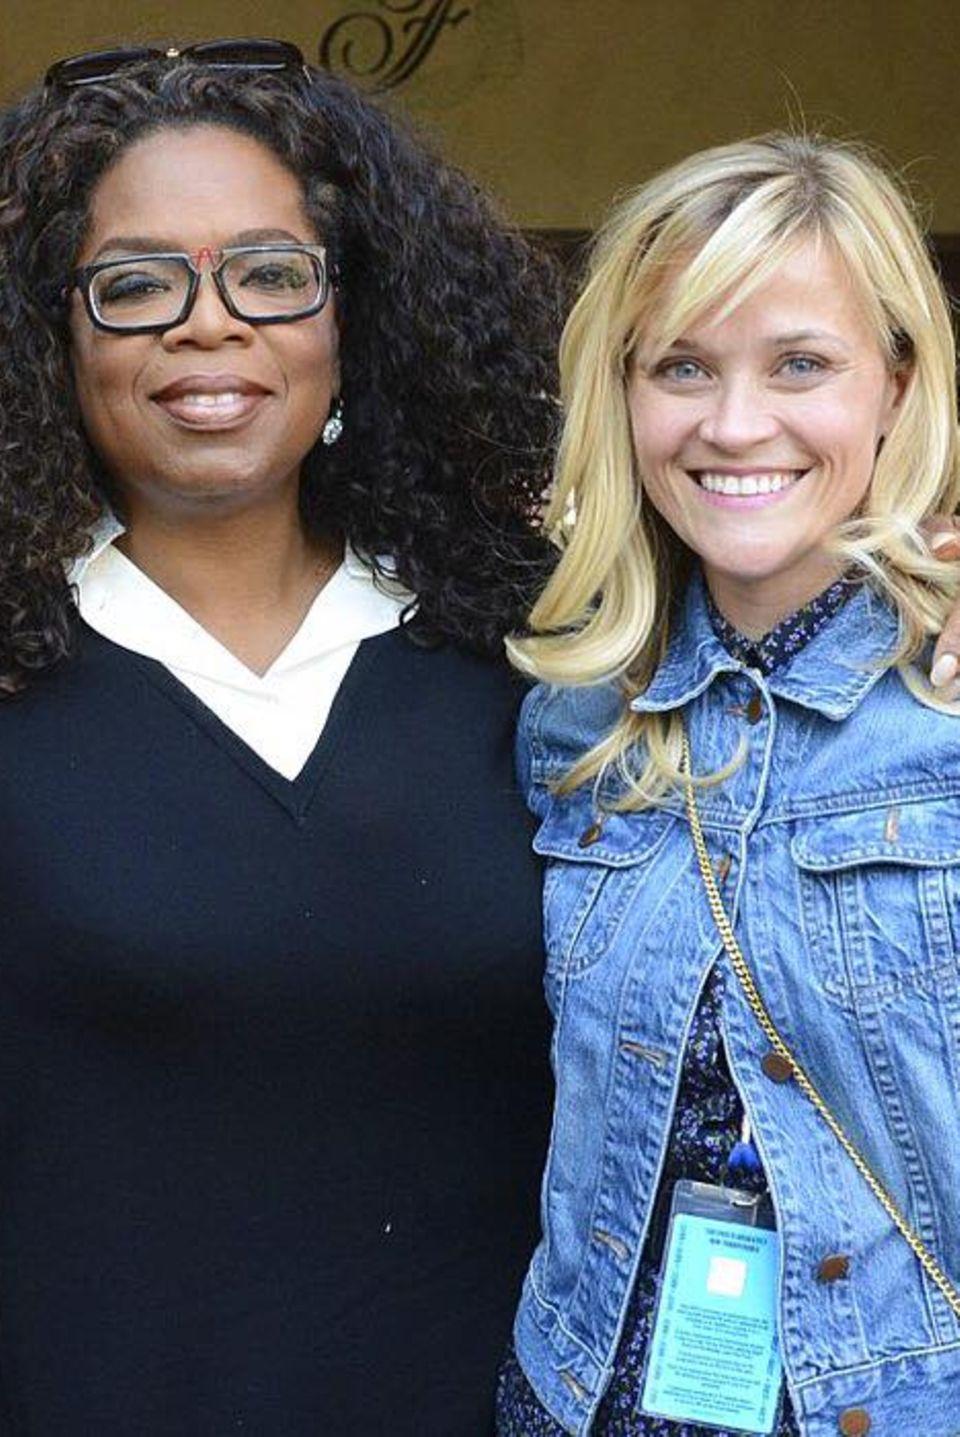 Reese Witherspoon und Oprah Winfrey  Die Starsverbindet eine lange Freundschaft. Zum 63. Geburtstag der Talkmasterinzeigt Reese dieses großartige Foto.